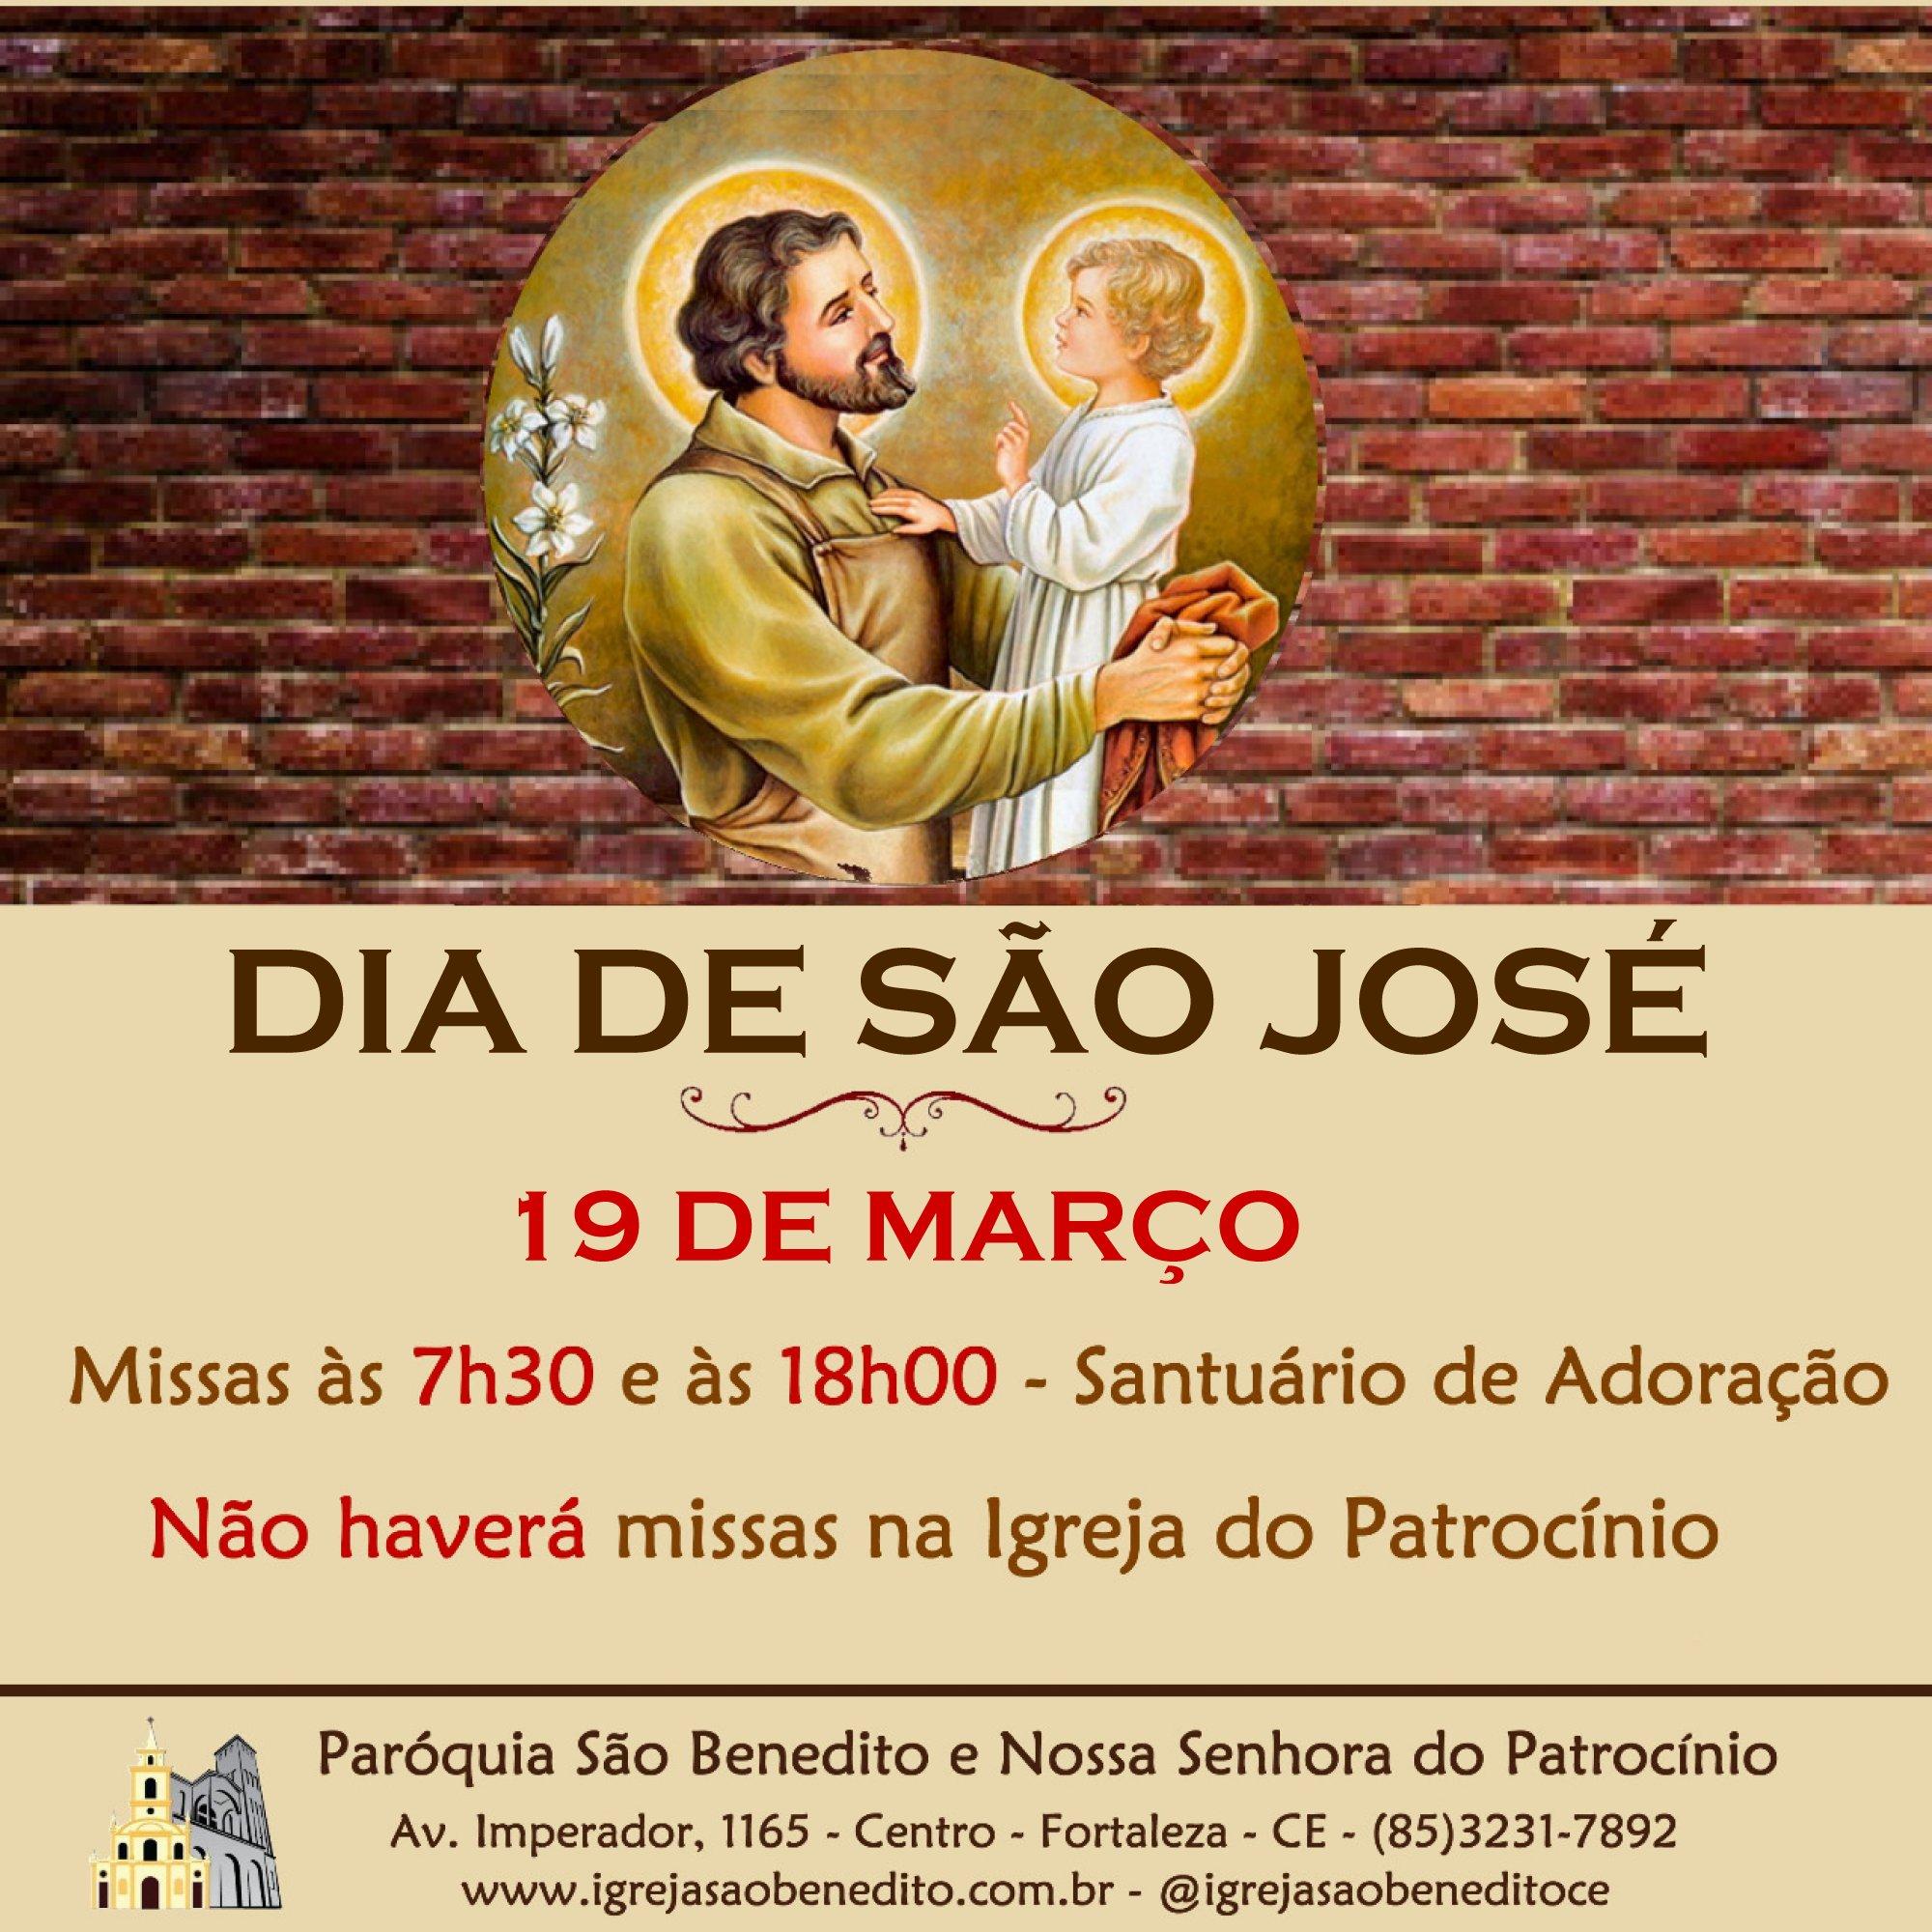 Dia de São José na Paróquia São Benedito. Participe!